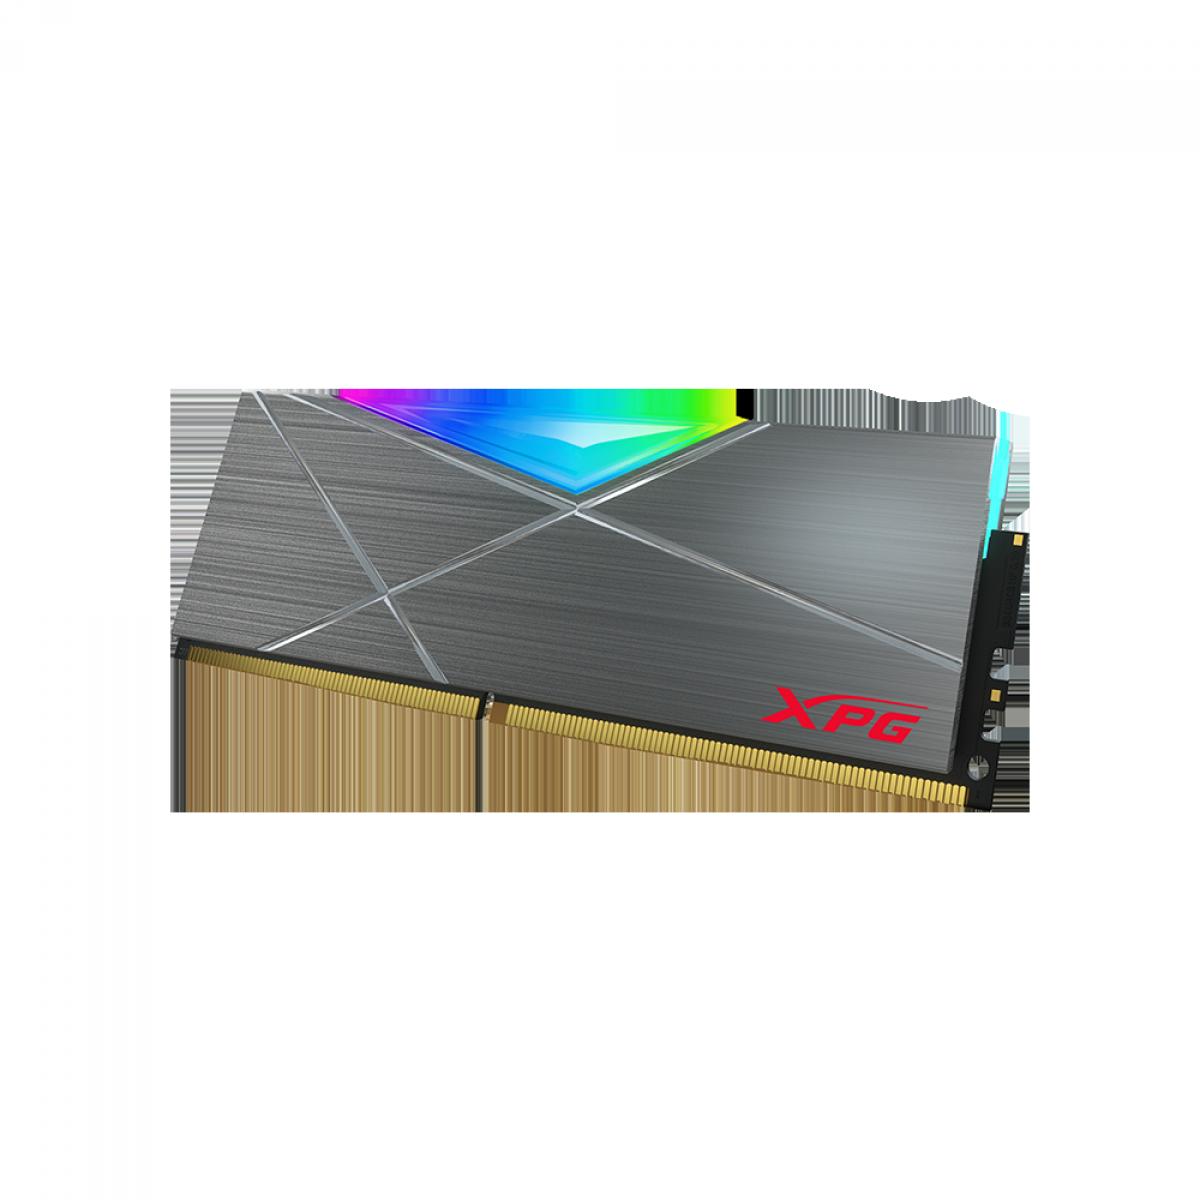 Memória DDR4 XPG Spectrix D50, 8GB, 3600Mhz, CL18, RGB, Gray, AX4U360038G18A-ST50